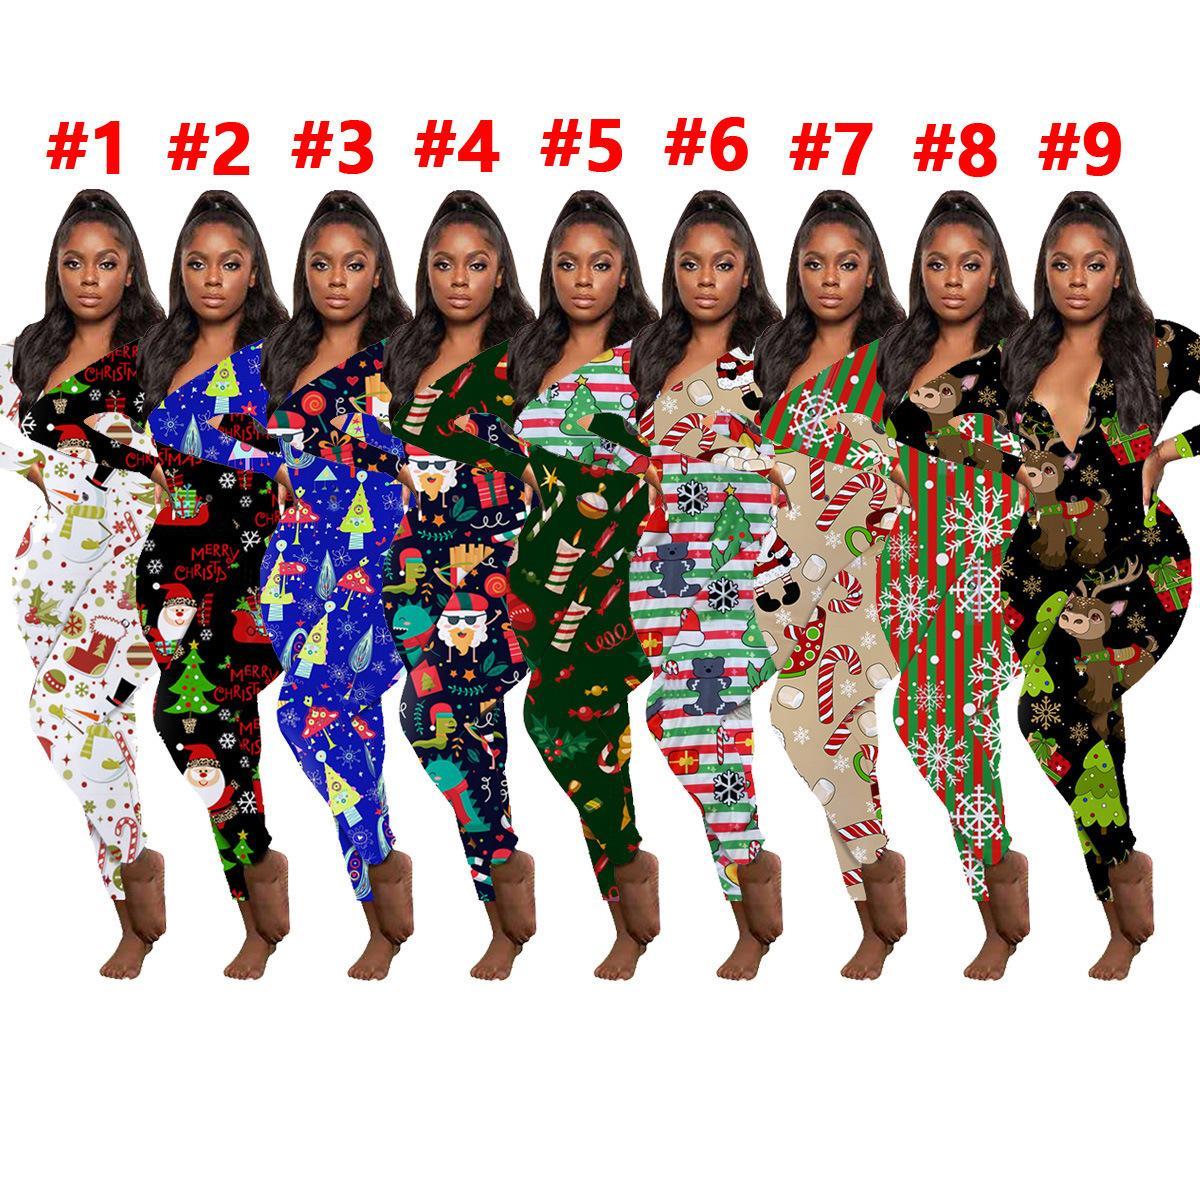 Женская комбинезон Slim Sexy Halloween Мода Домашняя одежда Рождественские Напечатанные V-образные вырезы Длинные брюки с длинным рукавом Дамы Новые Углушки 2020